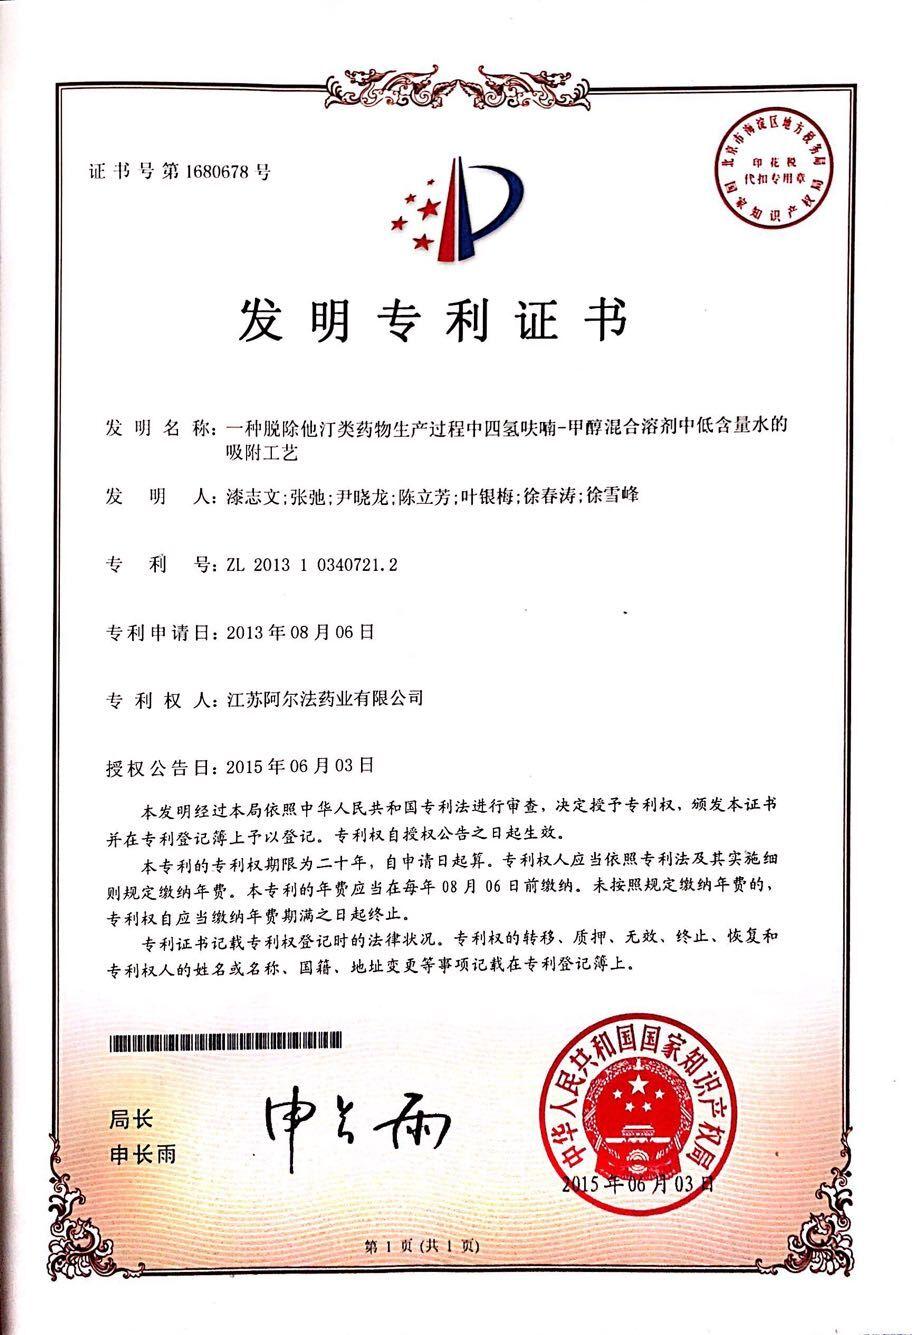 榮譽-專利-12.一種脫除他汀類藥物生產過程中四氫呋喃-甲醇混合溶劑中低含量水的吸附工藝